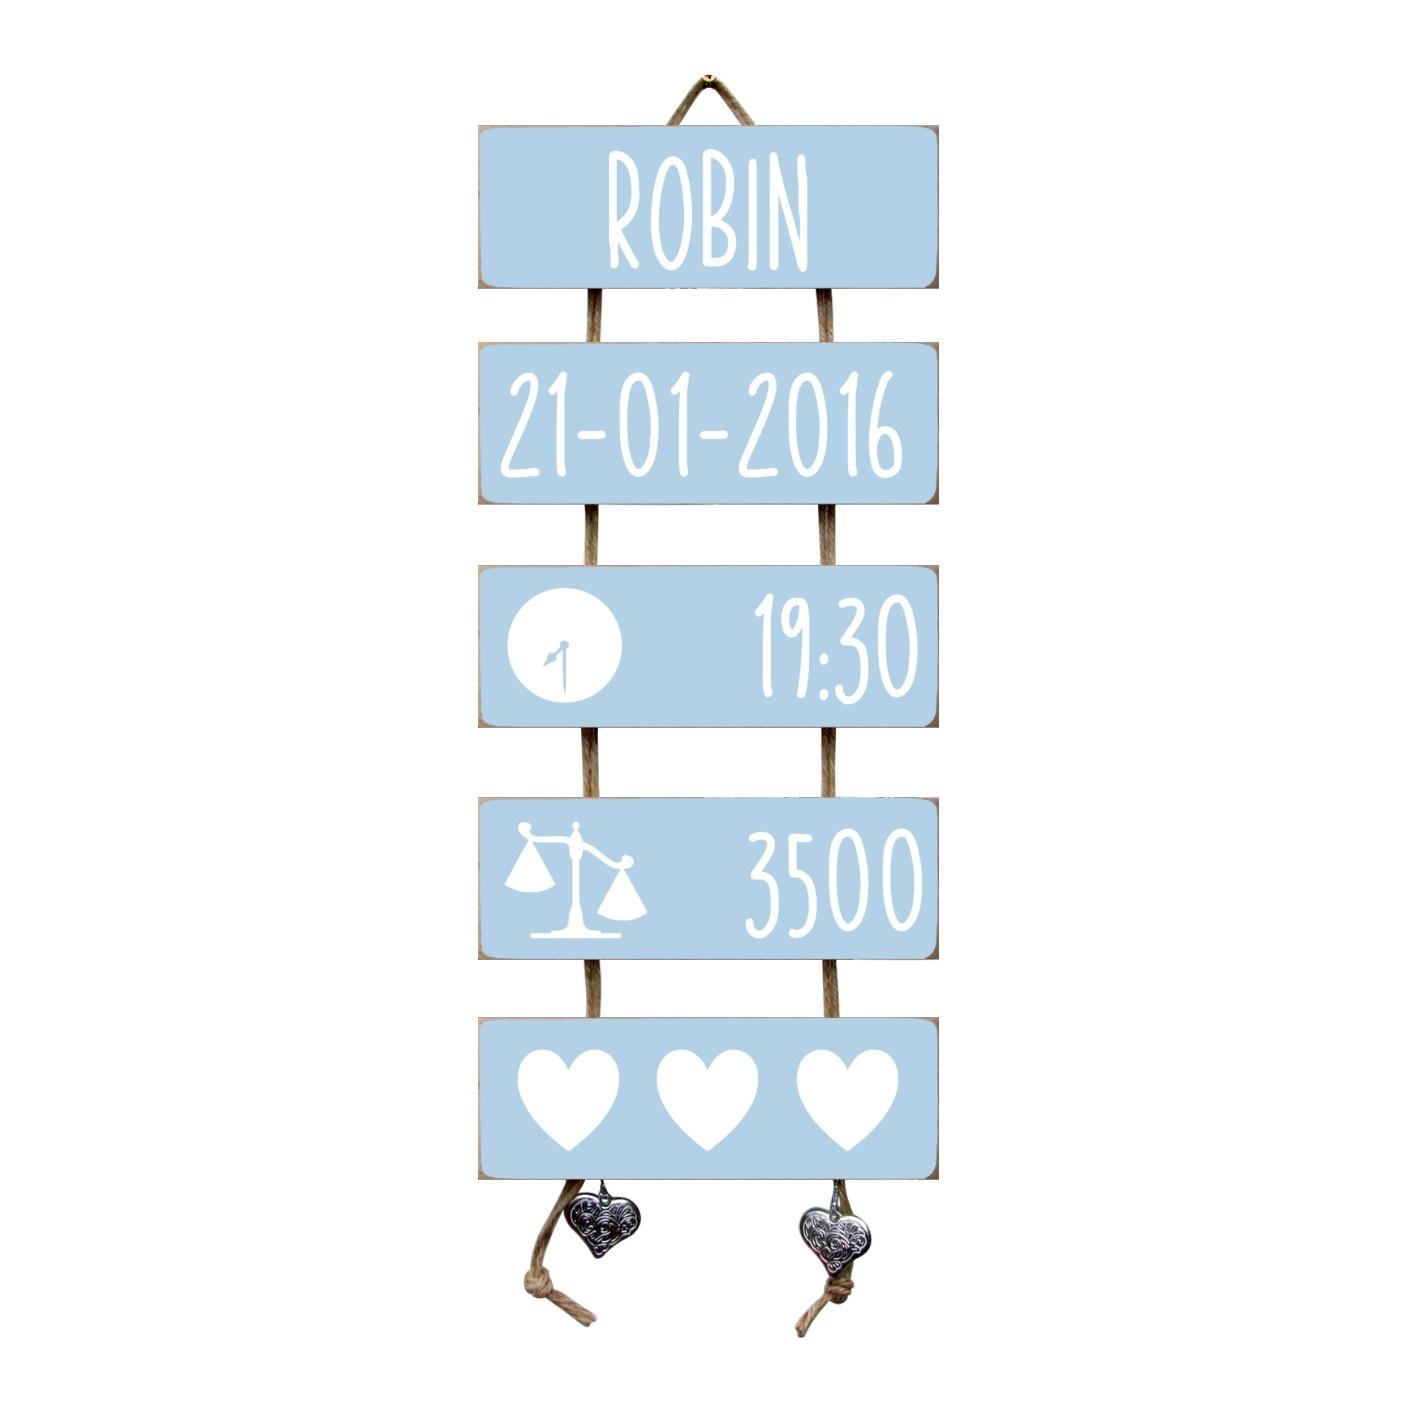 Kraamcadeau Geboorteladder Robin lichtblauw